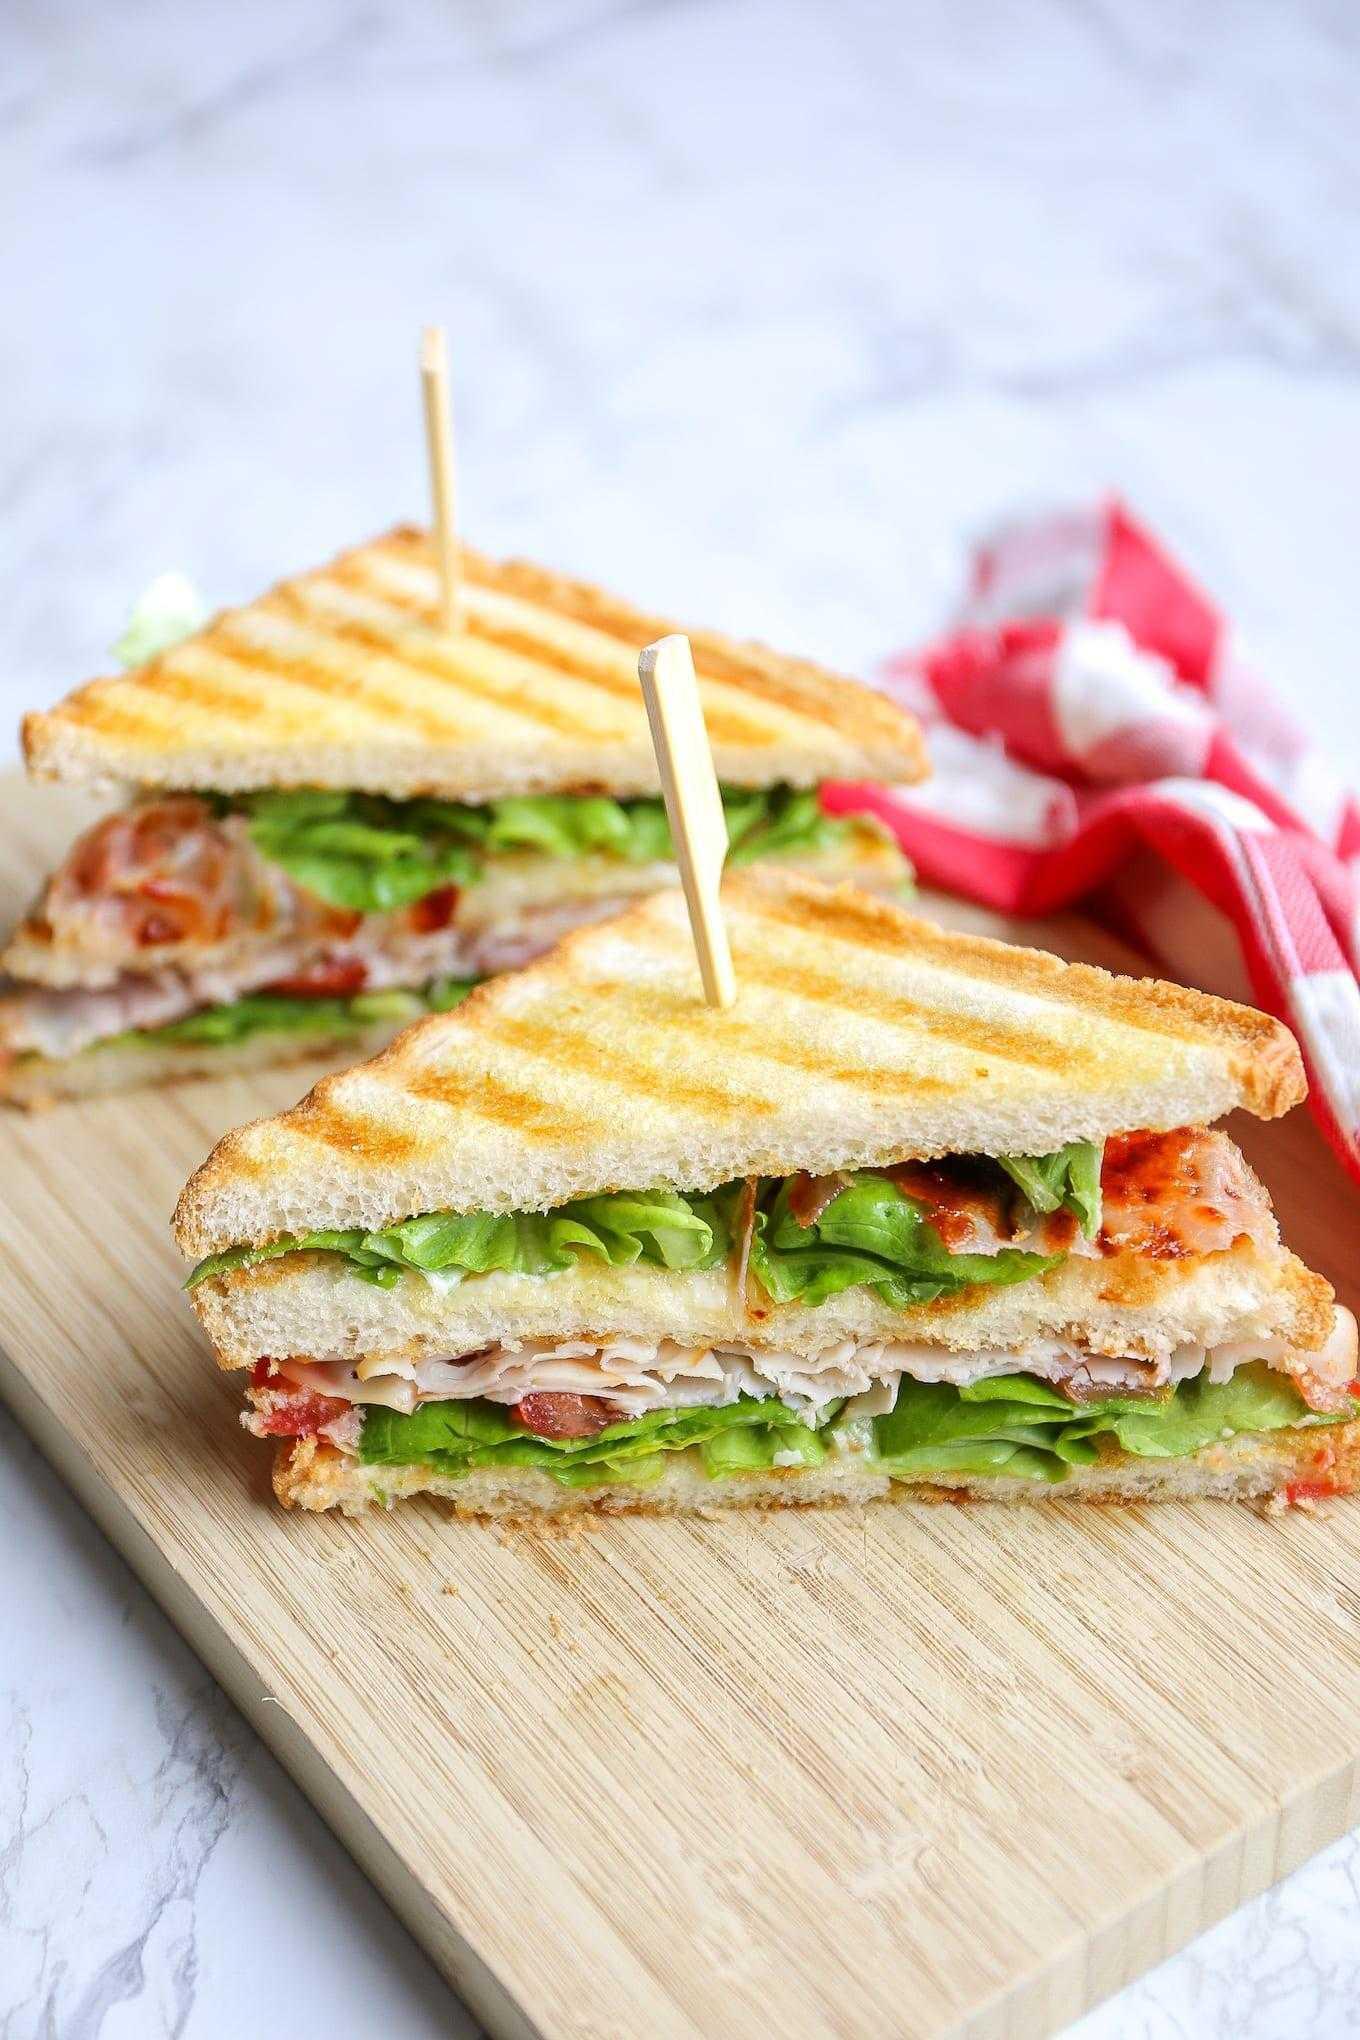 Пошаговые рецепты приготовления вкусных сэндвичей с фото